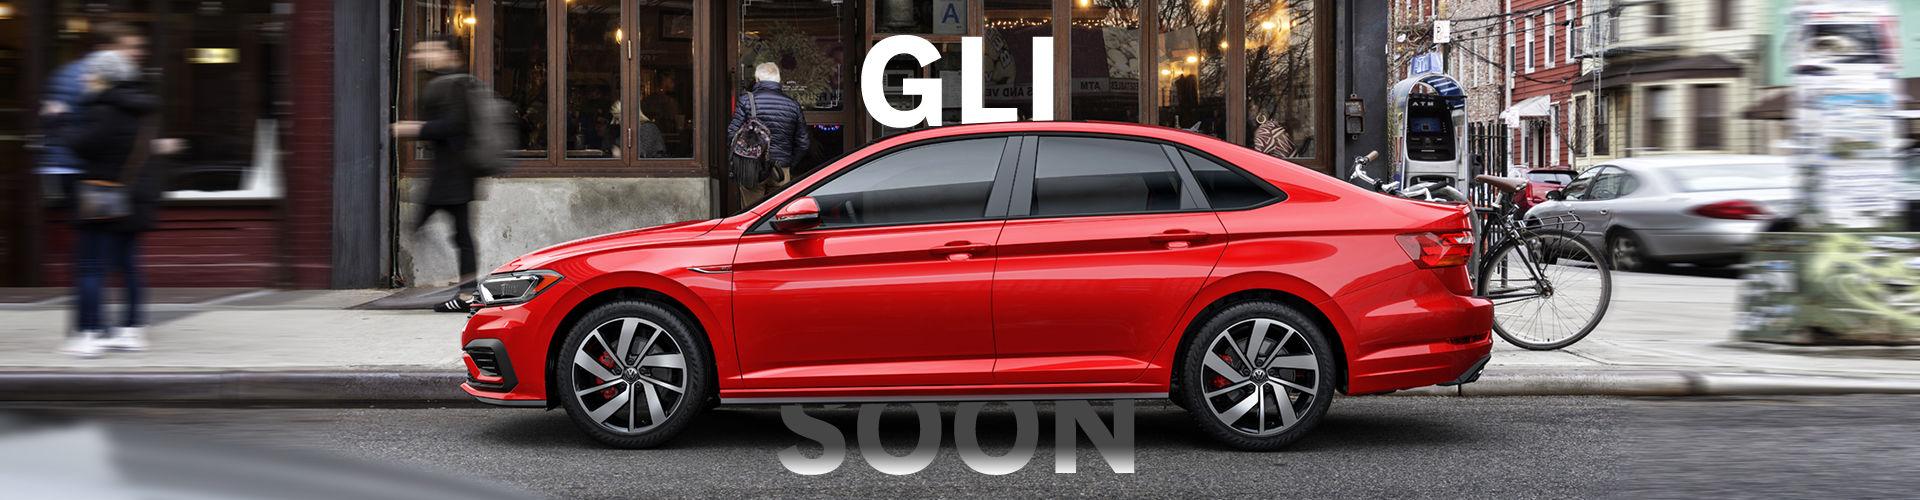 GLI Coming Soon